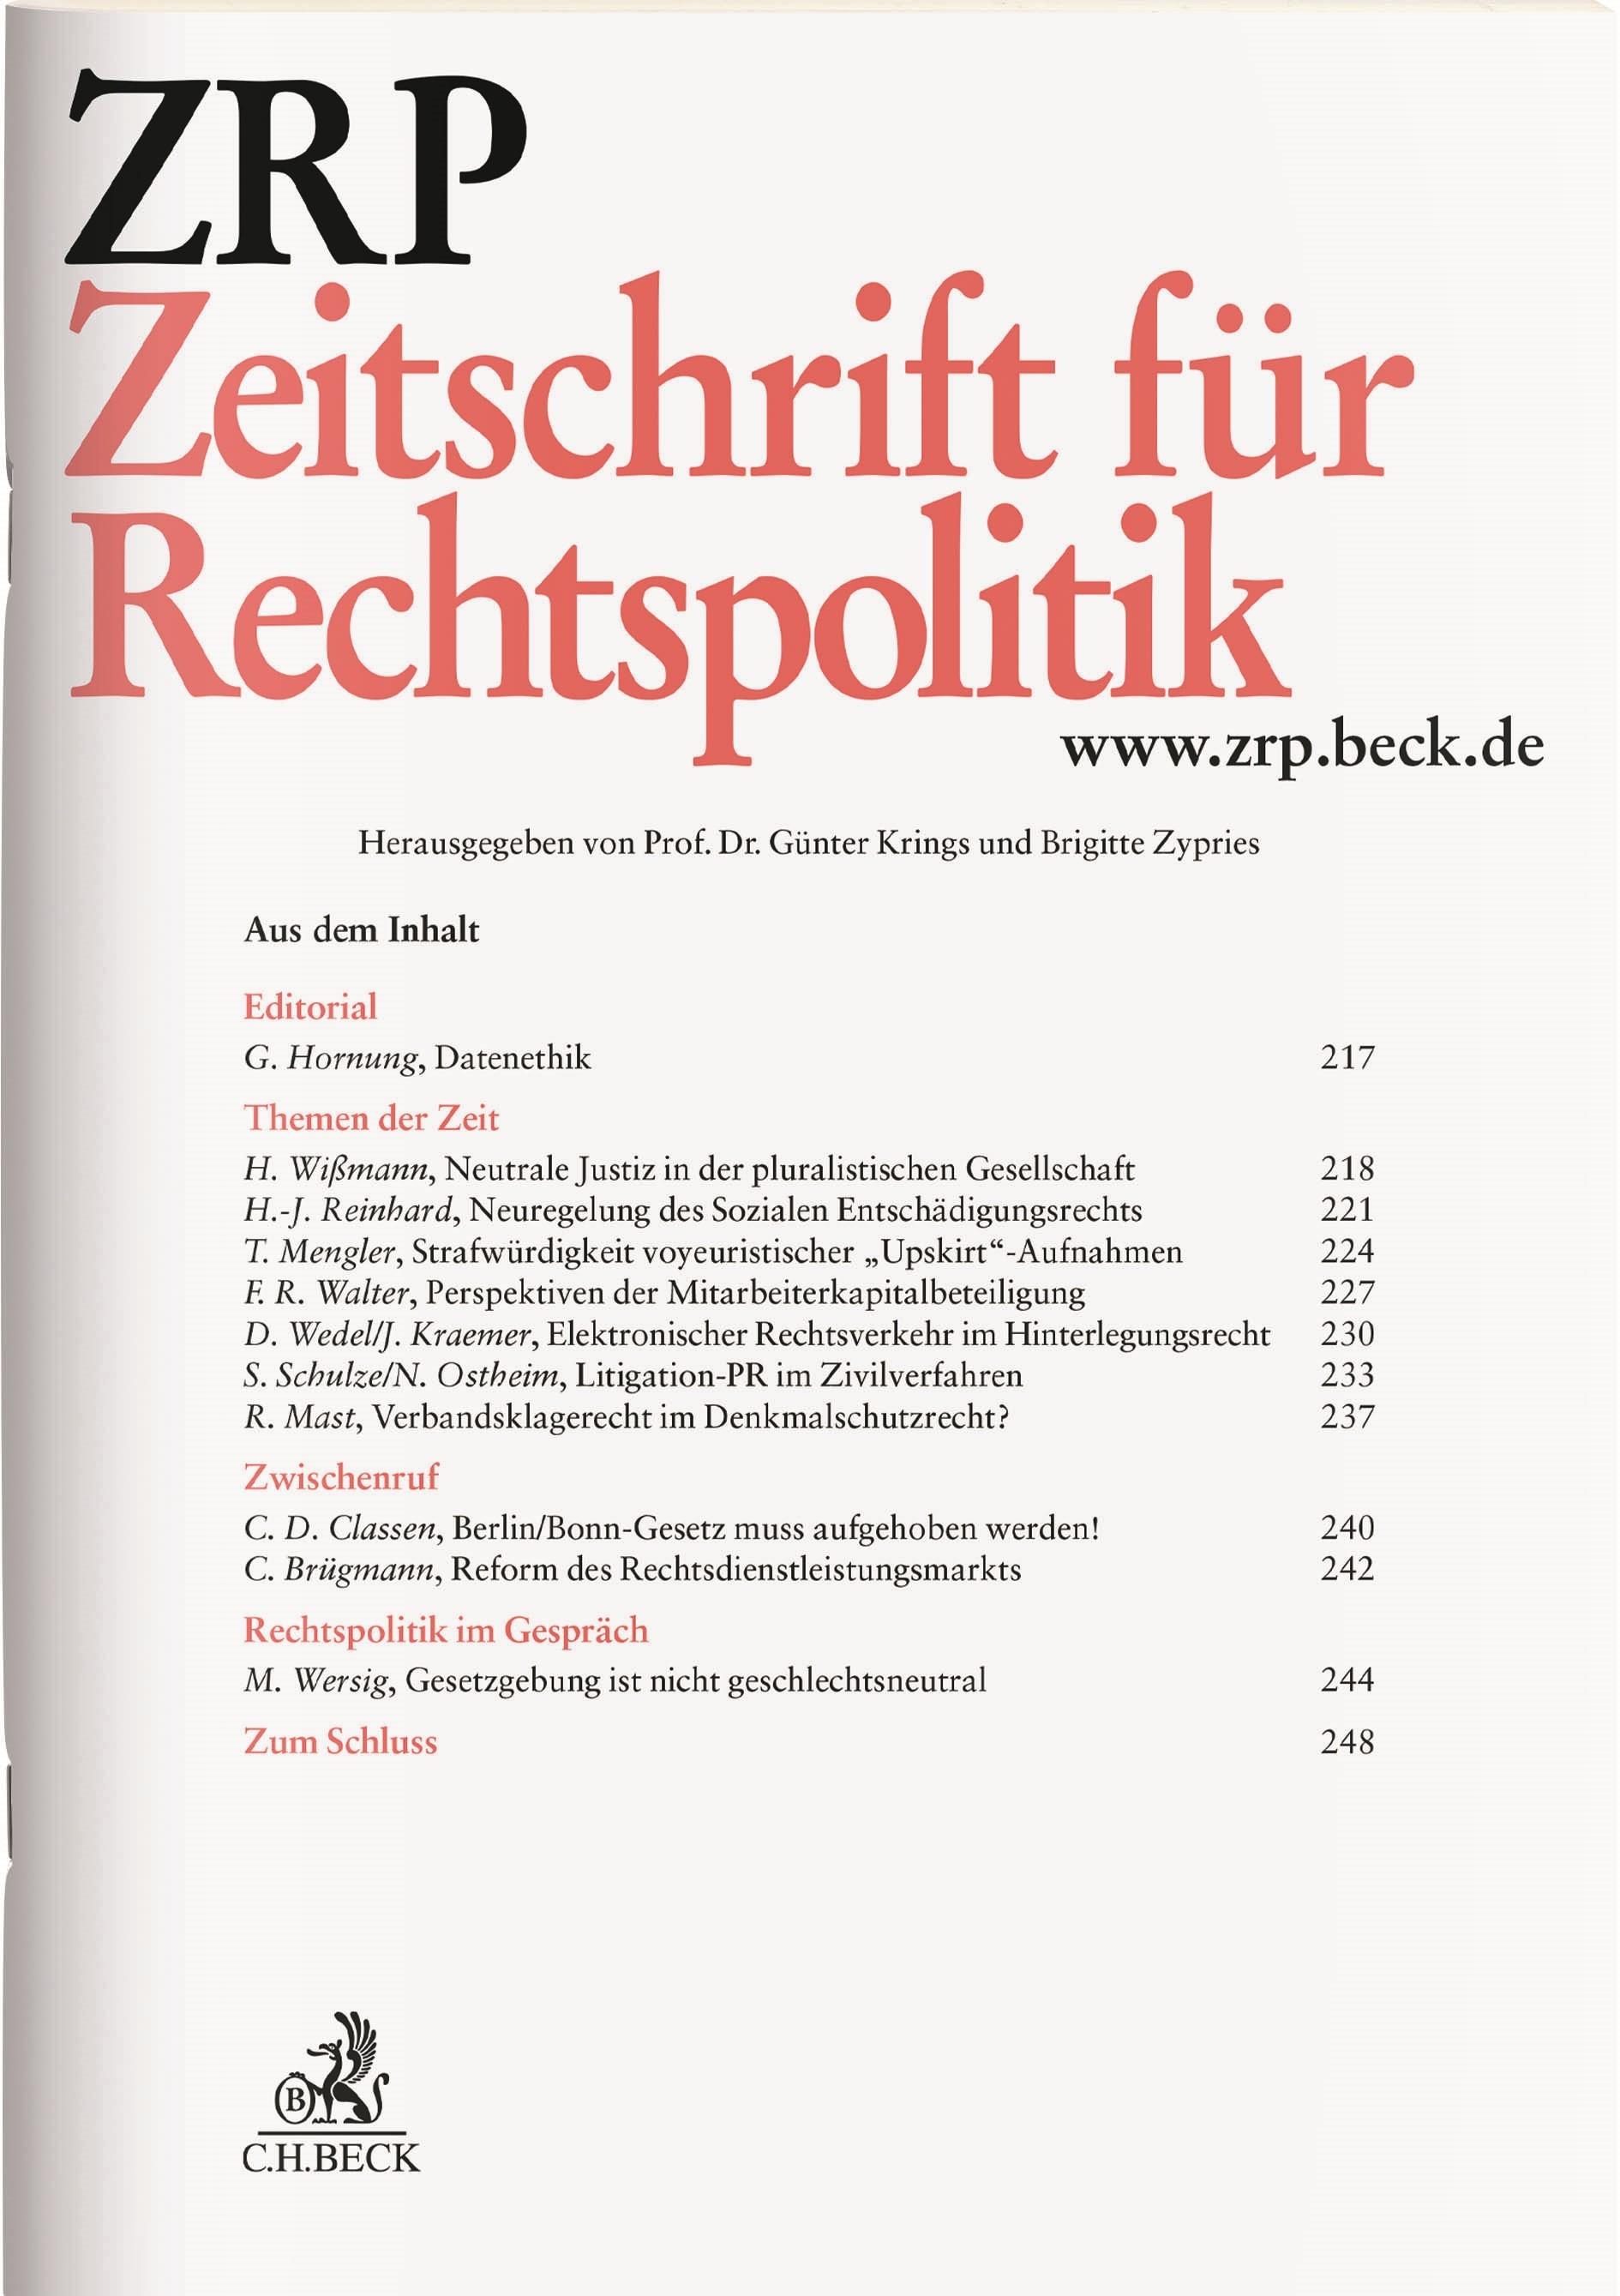 ZRP • Zeitschrift für Rechtspolitik | 52. Jahrgang (Cover)